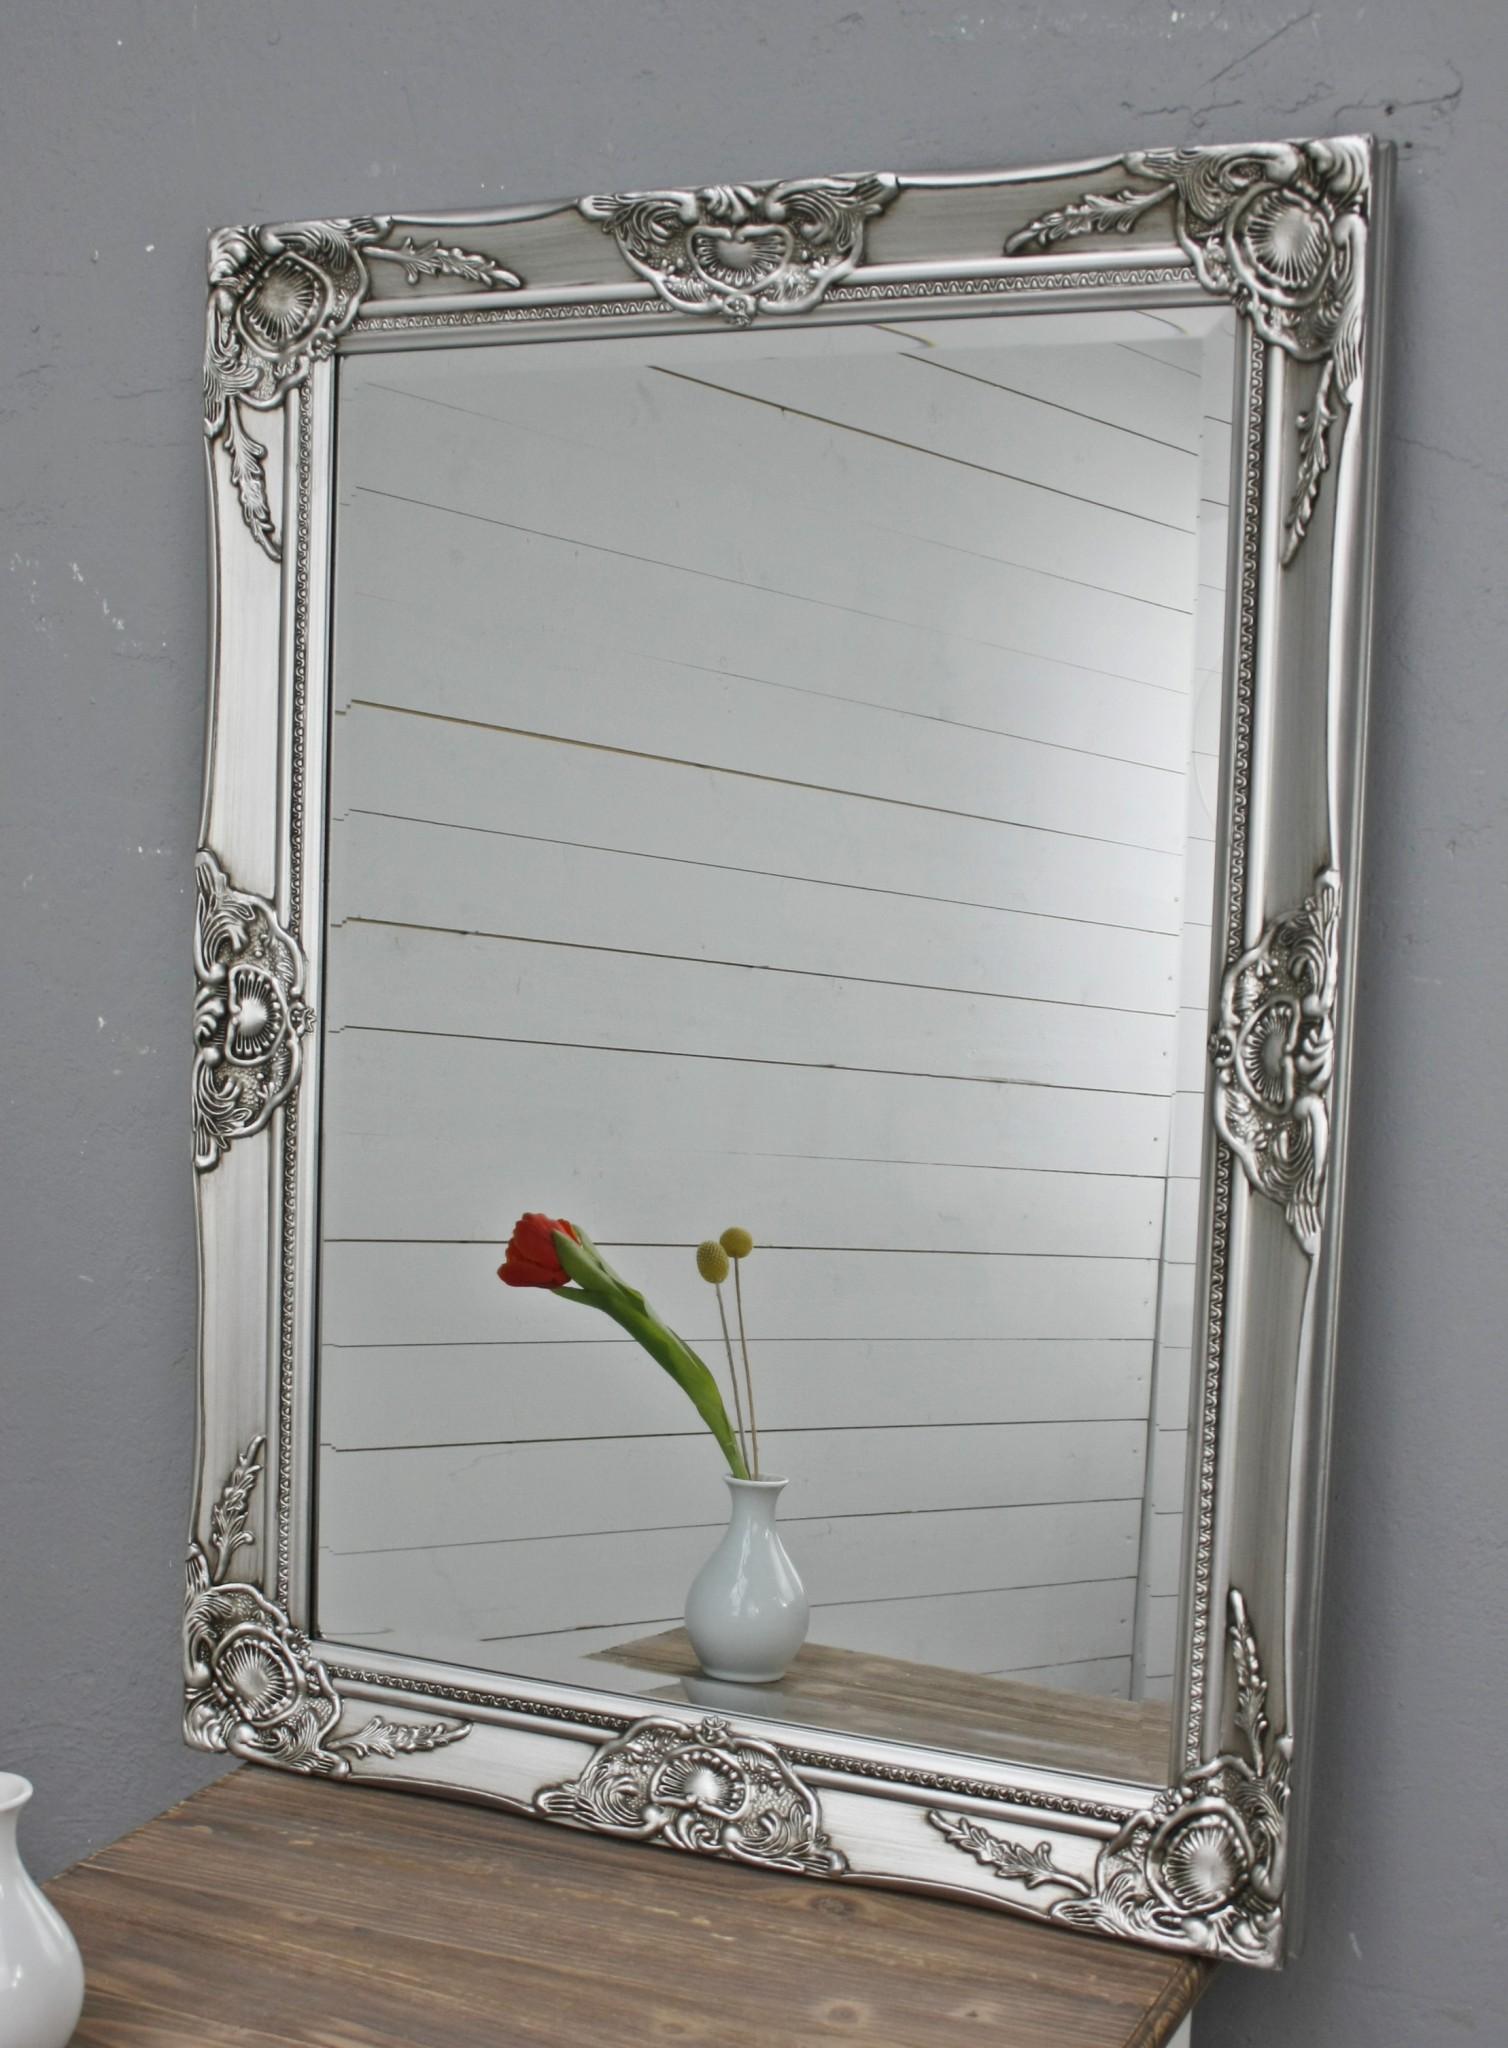 spiegel silber antik 82 x 62 cm holz wandspiegel barock. Black Bedroom Furniture Sets. Home Design Ideas